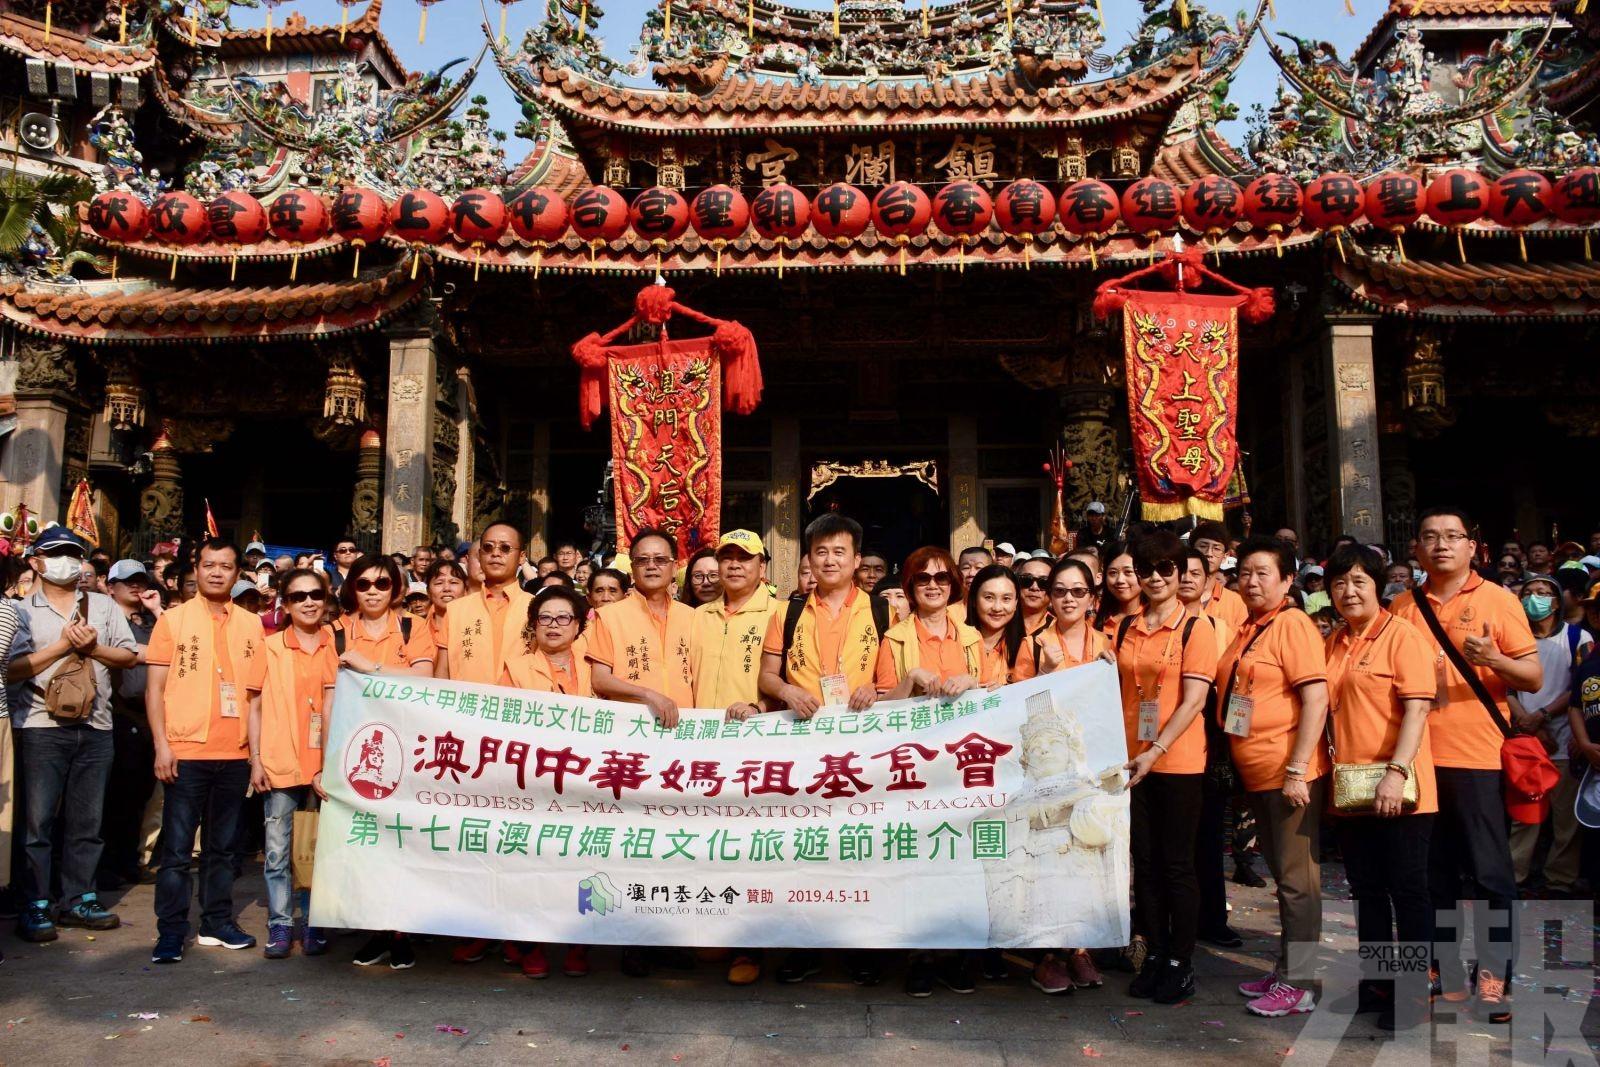 團體赴台參與媽祖遶境活動宣傳澳門媽祖節